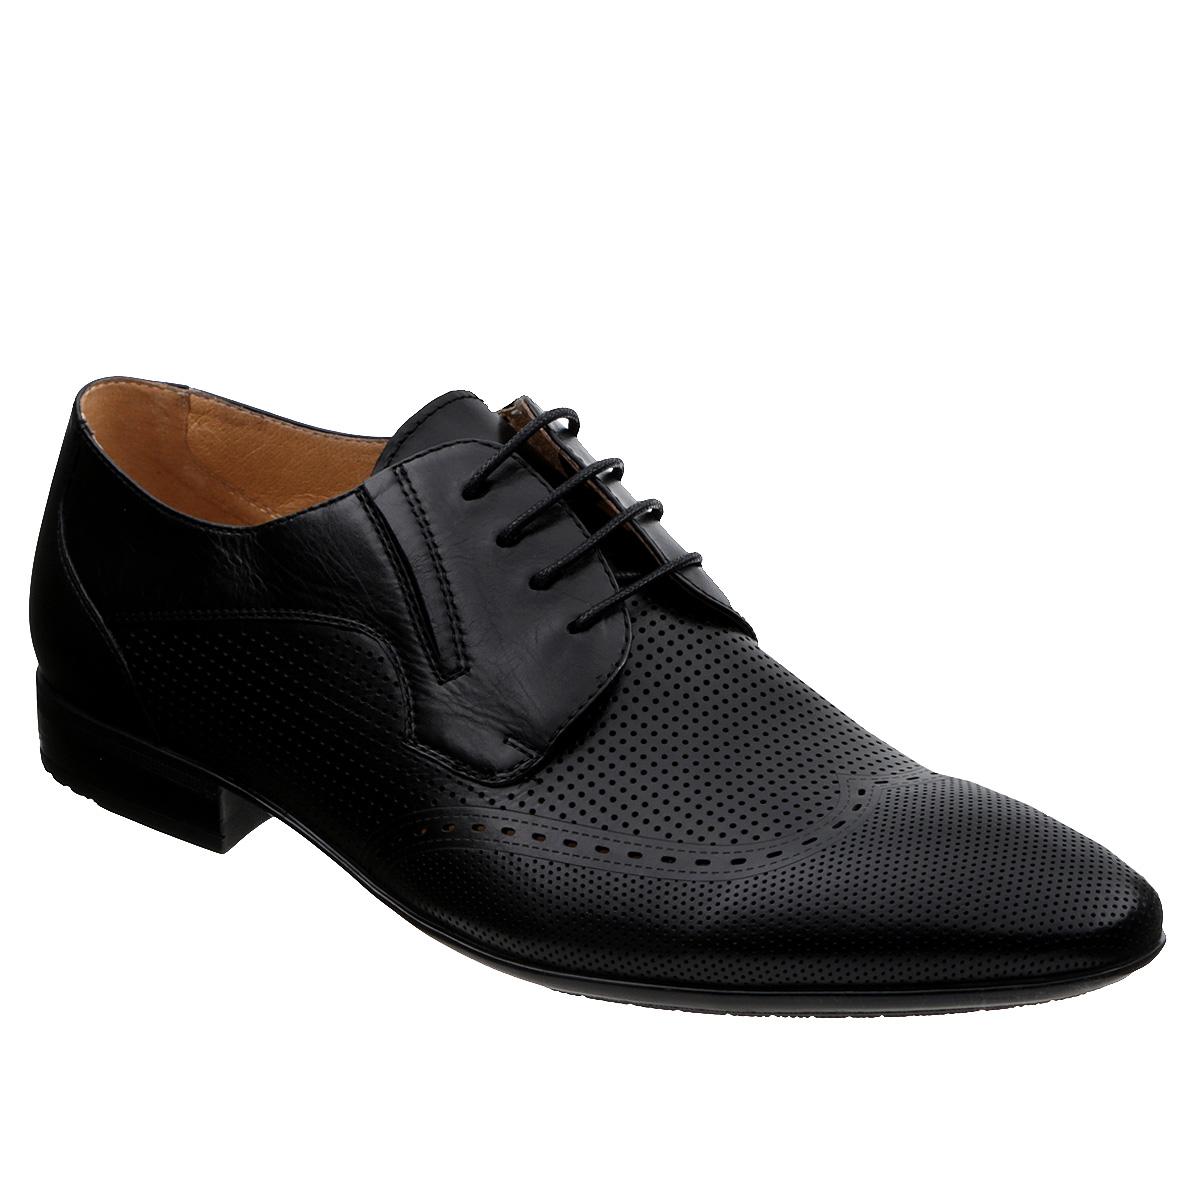 M171085Элегантные мужские туфли Vitacci займут достойное место среди вашей коллекции обуви. Модель выполнена из натуральной высококачественной кожи и декорирована перфорацией. Шнуровка надежно закрепит модель на ноге. Резинки, расположенные на подъеме, гарантируют оптимальную посадку модели на ноге. Стелька из натуральной кожи комфортна при движении. Умеренной высоты каблук и подошва с рифлением обеспечивают отличное сцепление с поверхностью. Изысканные туфли станут прекрасным завершением вашего модного образа.